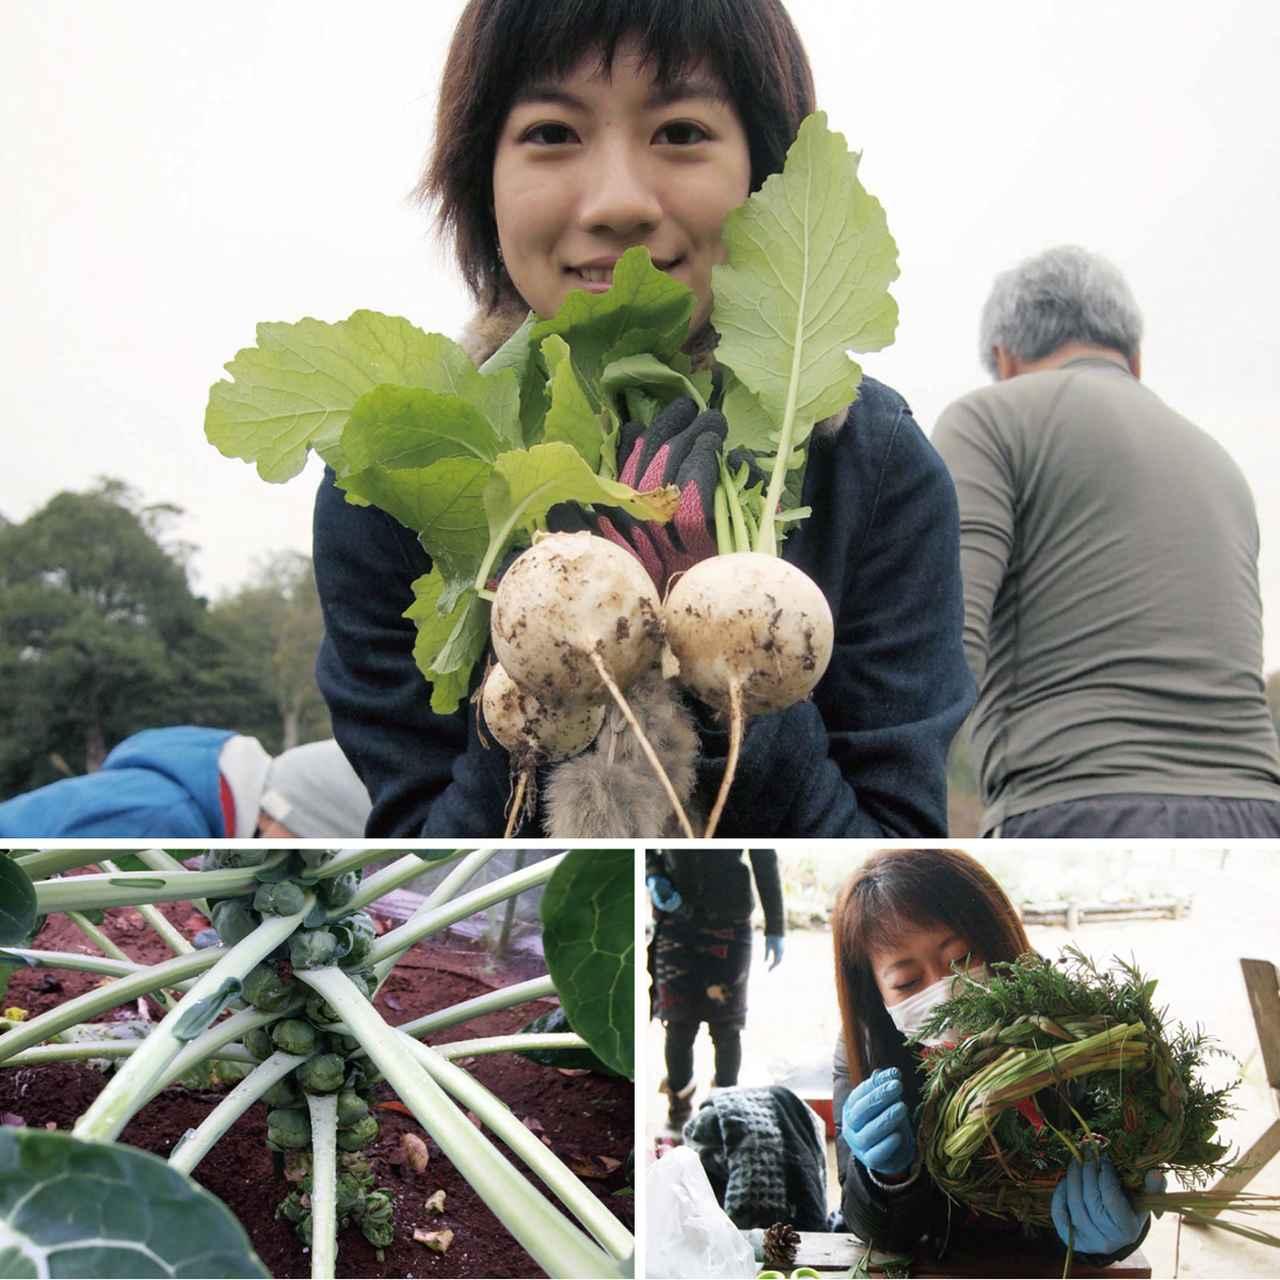 画像1: かぶやレタス、春菊をどっさり収穫! 高値の野菜、取れたてでいただきます Farming Event Report【2016.11.27】